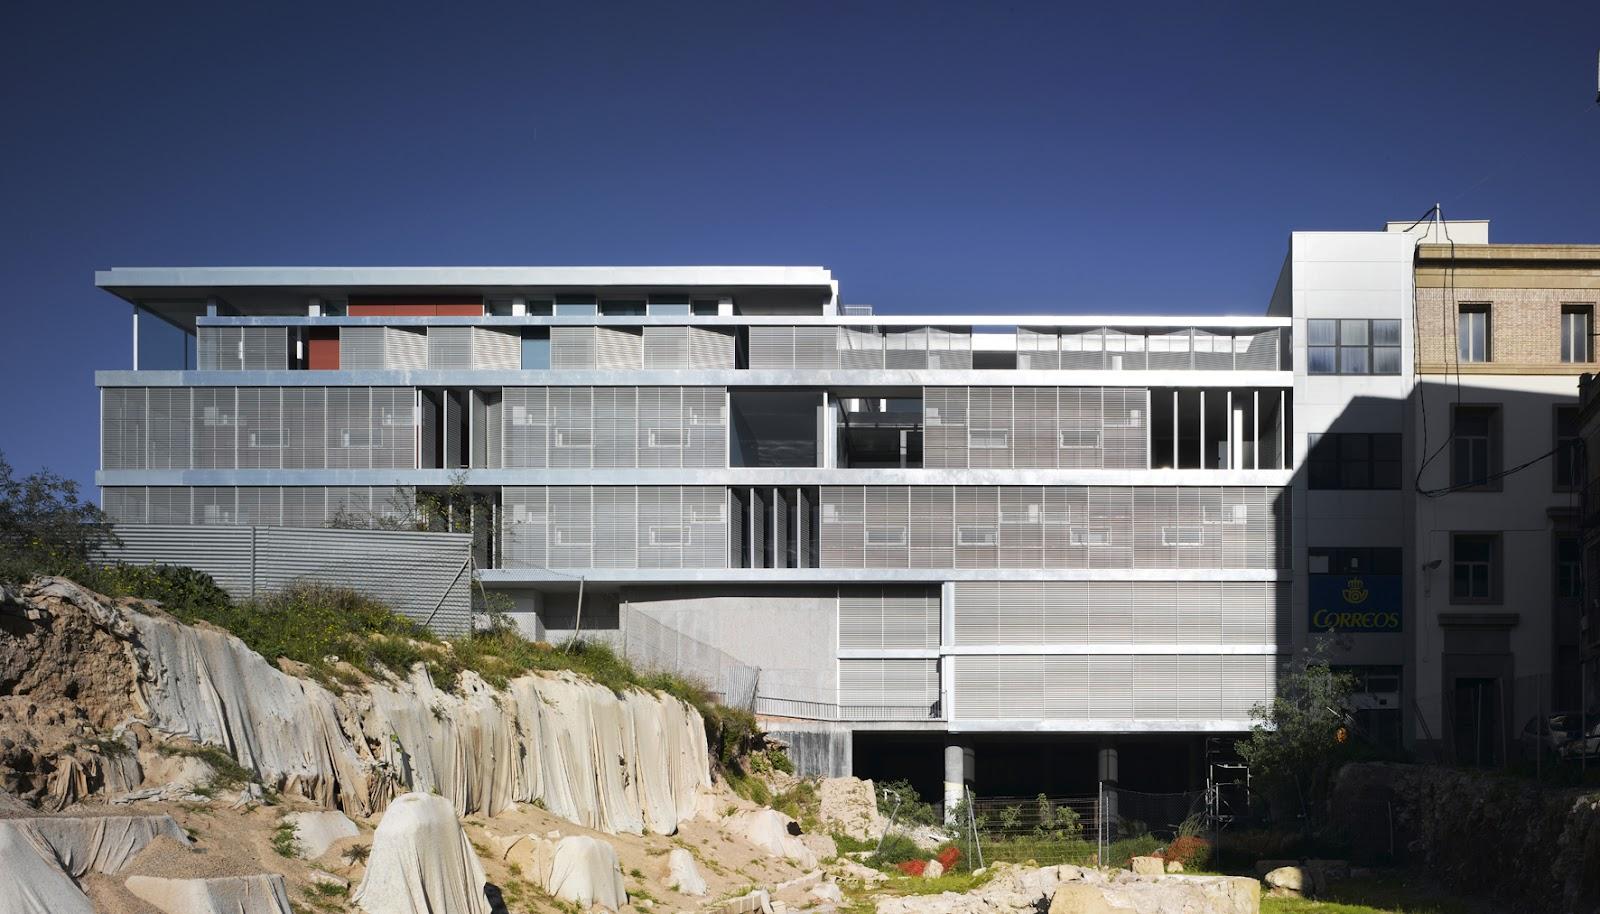 Amanncanovasmaruri centro de salud cartagena murcia - Centro de salud aravaca ...